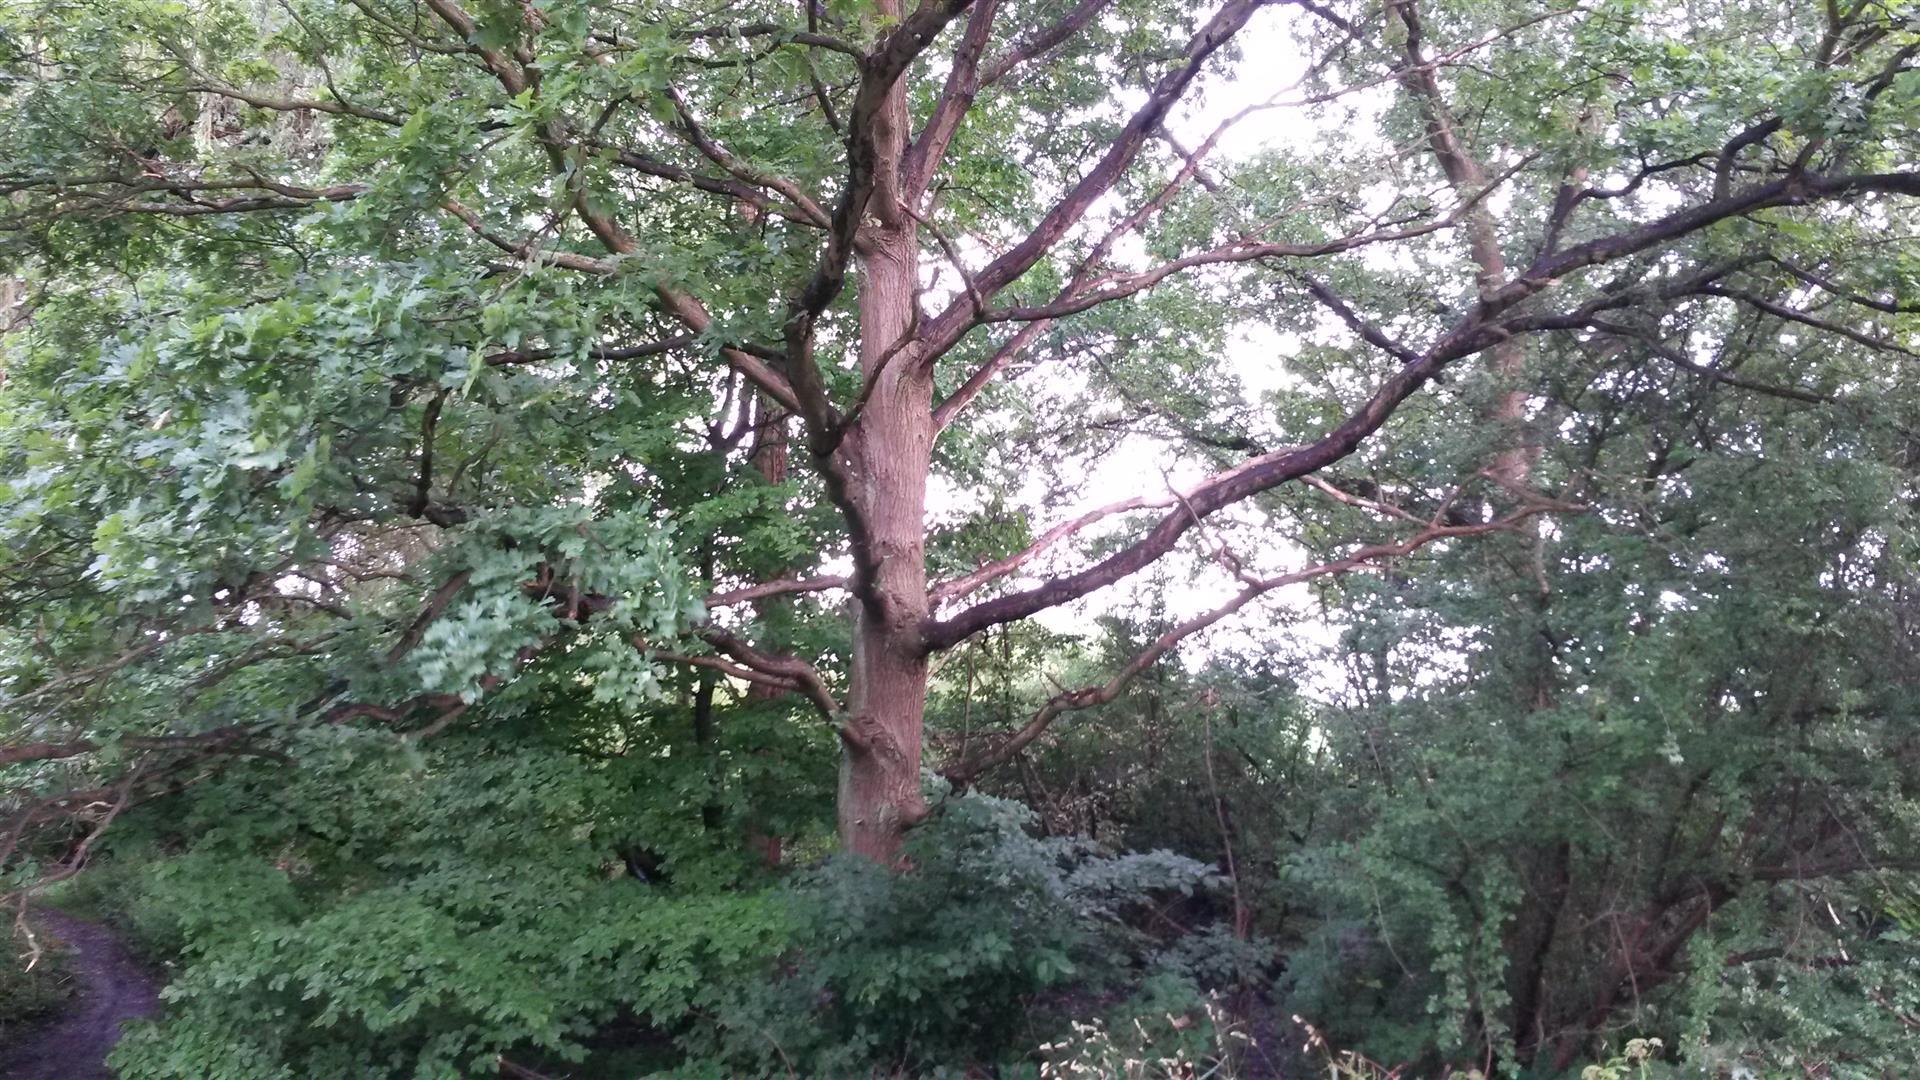 עצים עתיקים באגם אוטראסלב מוסה  הירוק